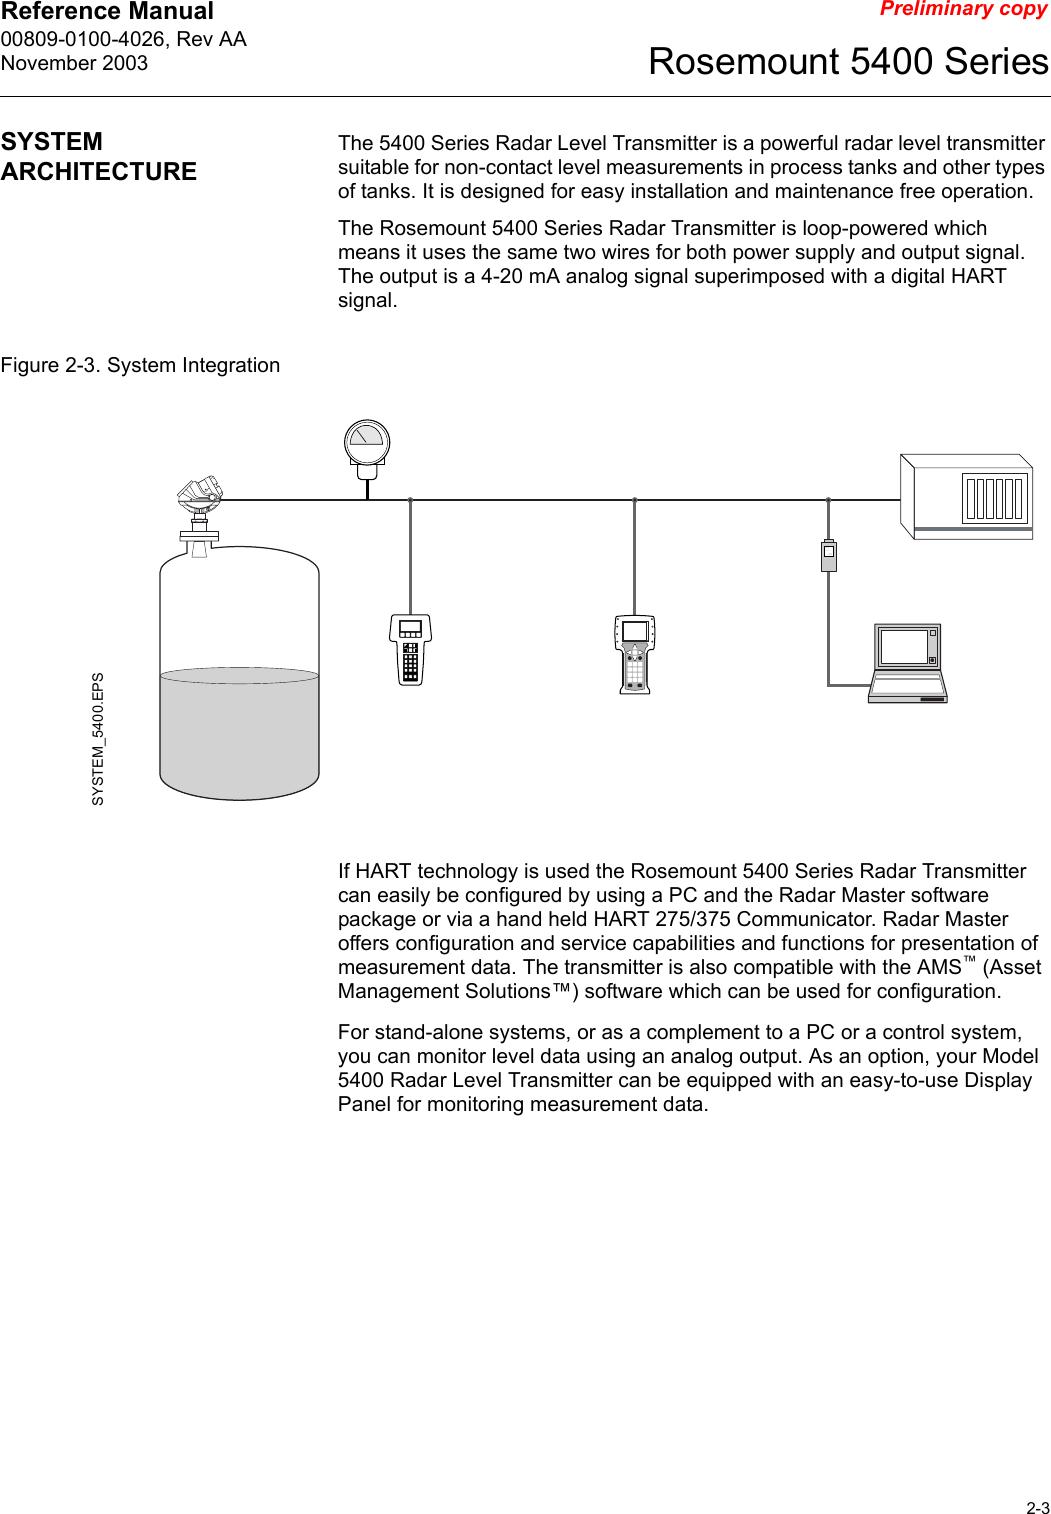 level transmitter wiring diagram wiring schematics diagram level transmitter wiring diagram wiring library load cell wiring diagram level transmitter wiring diagram